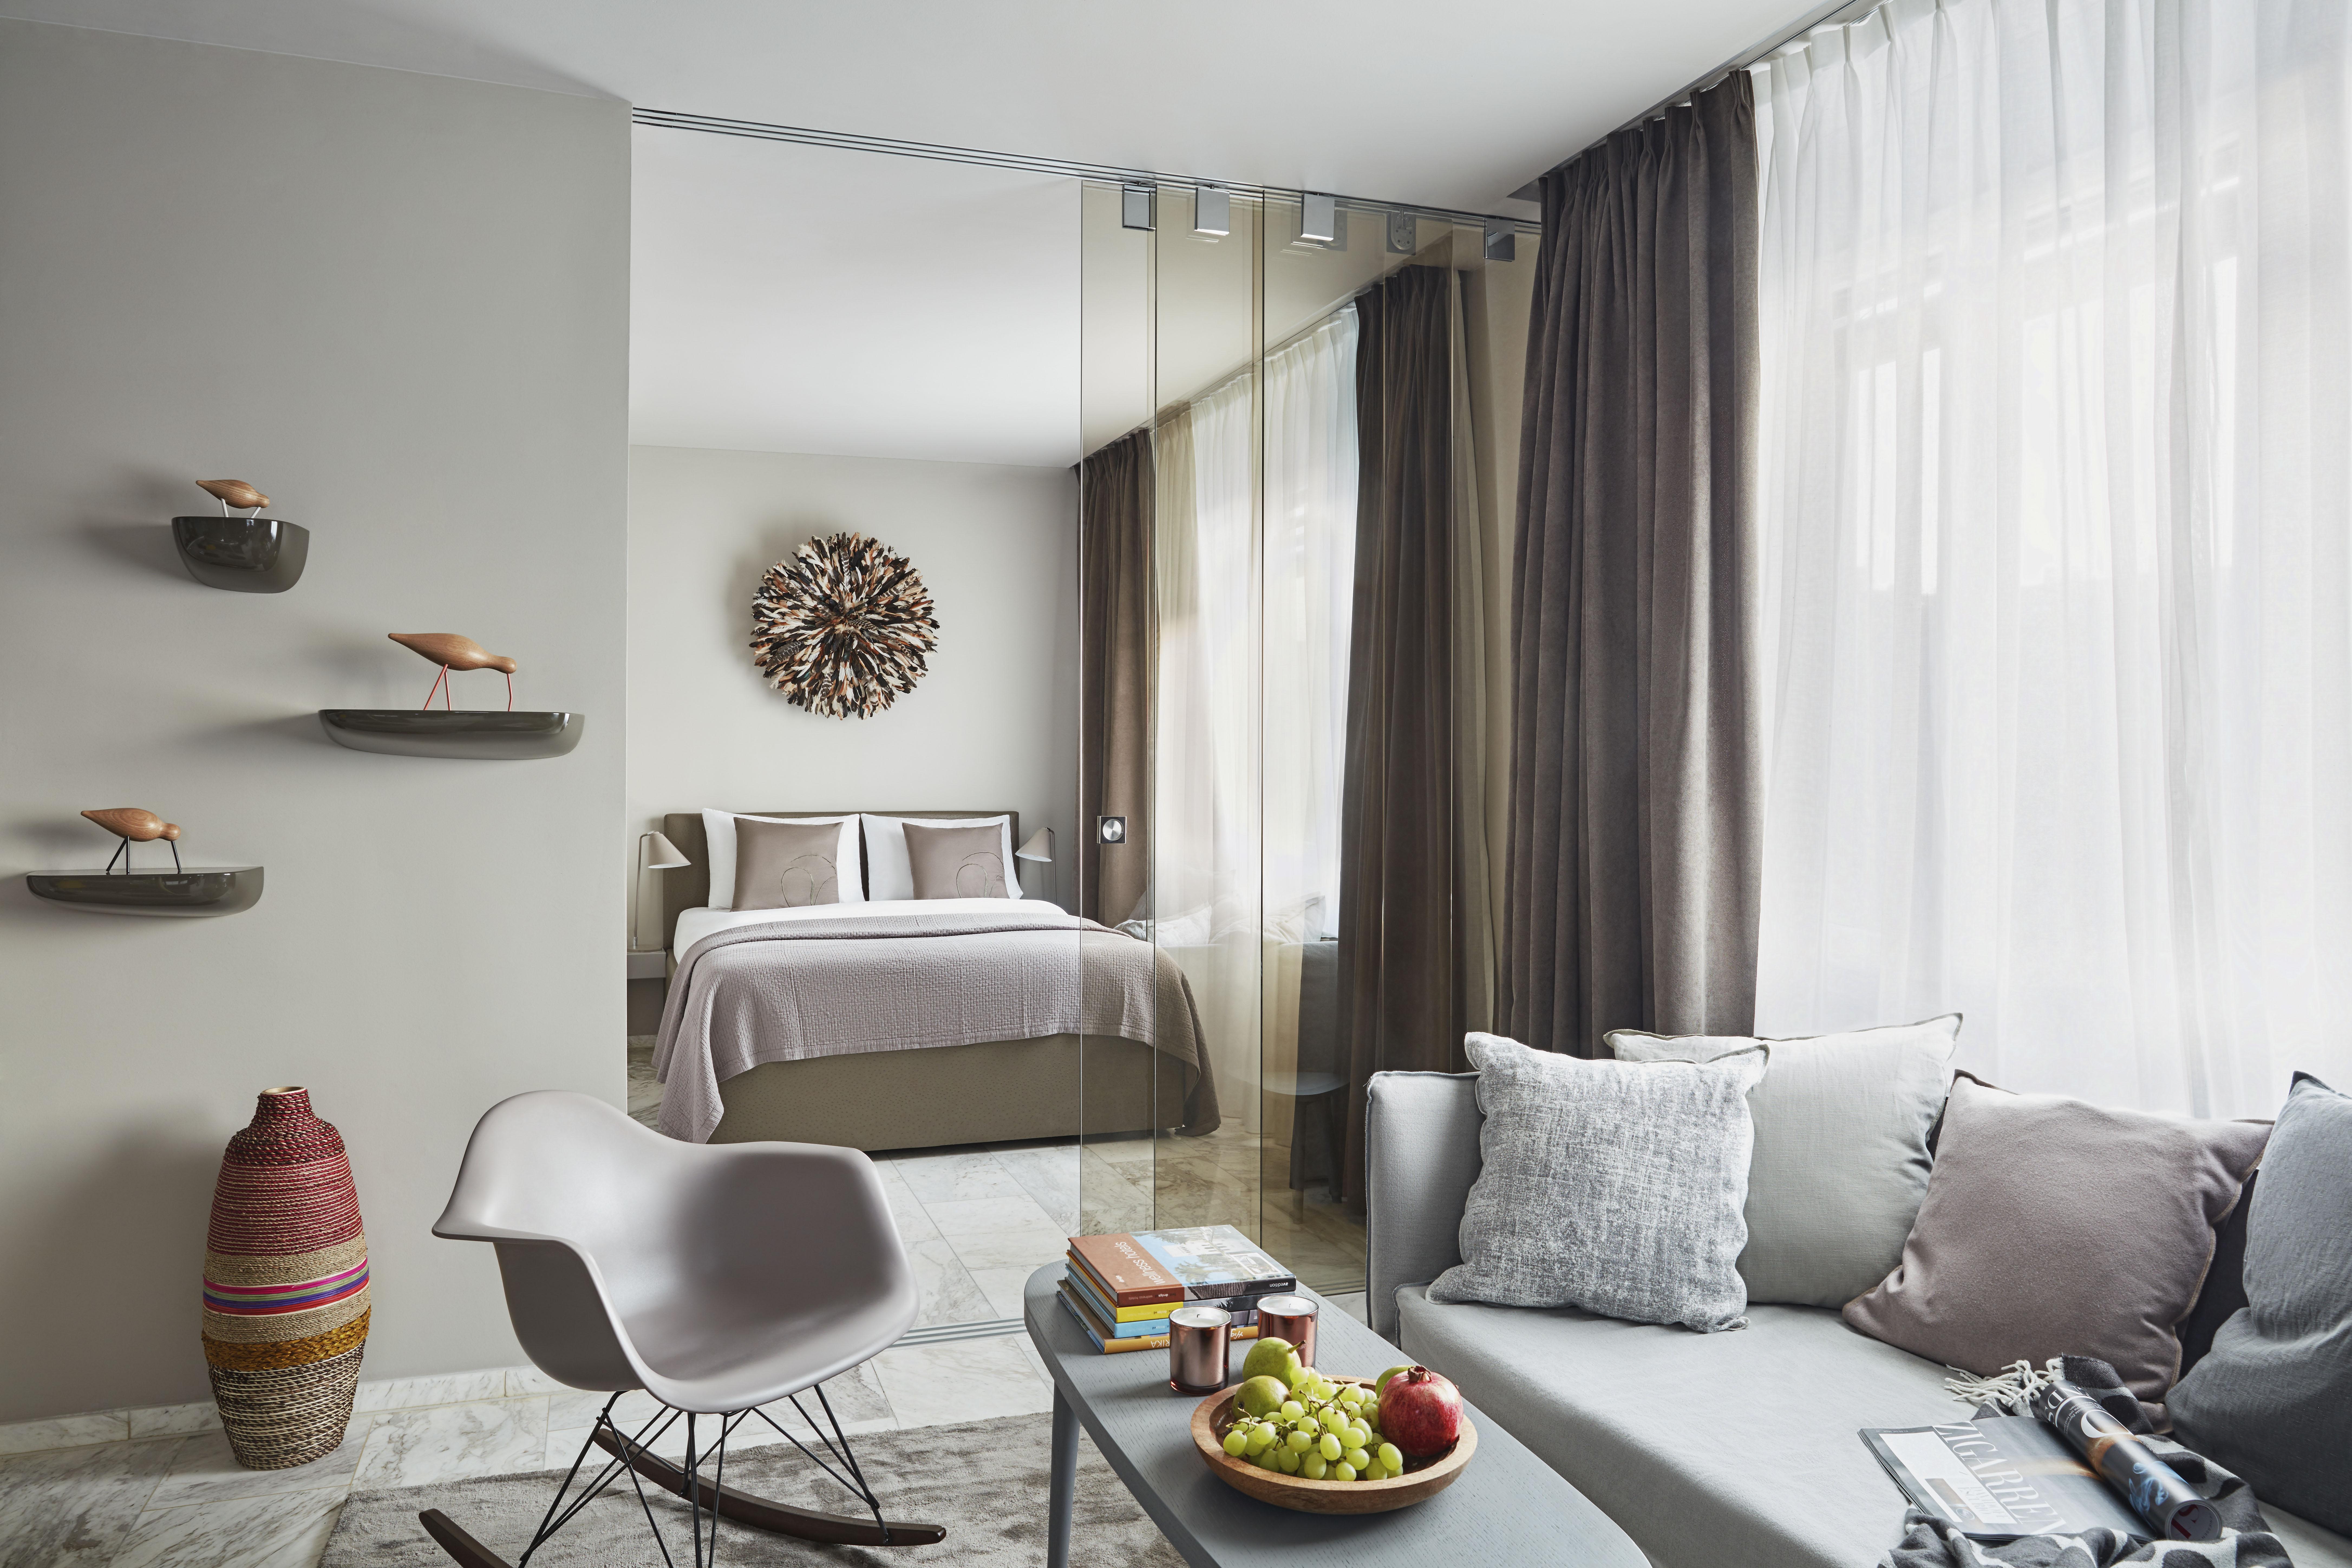 Junior 1 Bedroom Apartment in Zurich